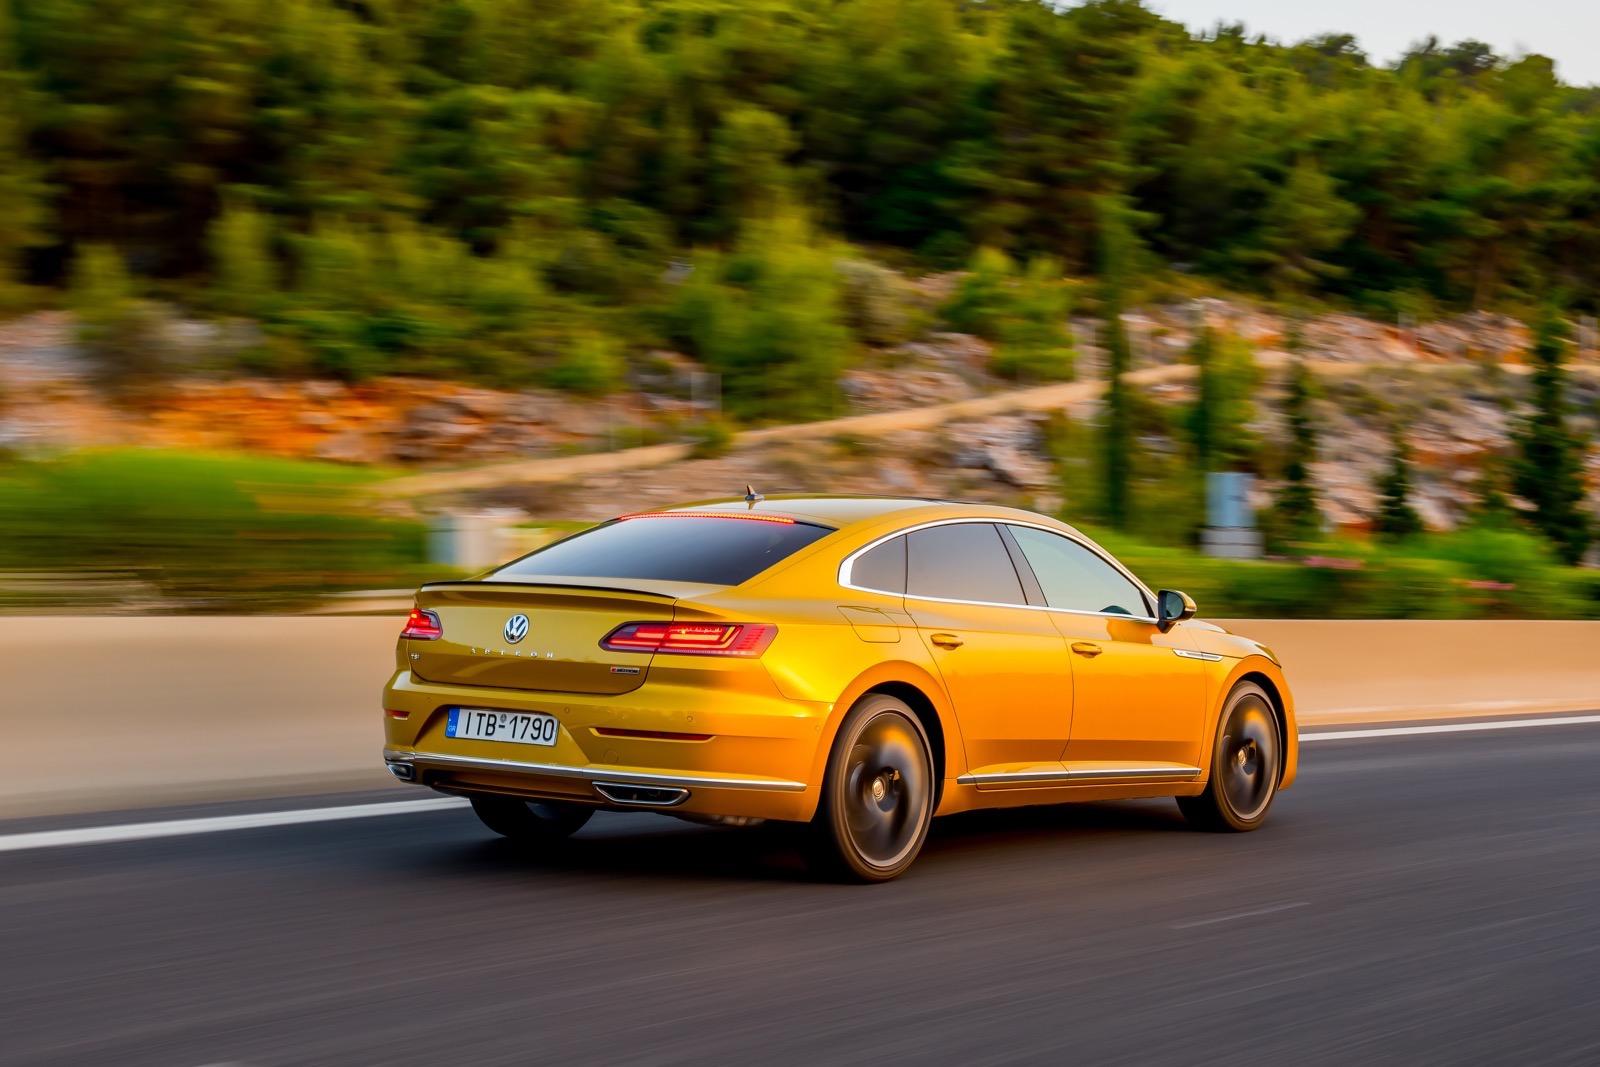 Volkswagen_Arteon_Greek_Presentataion_22